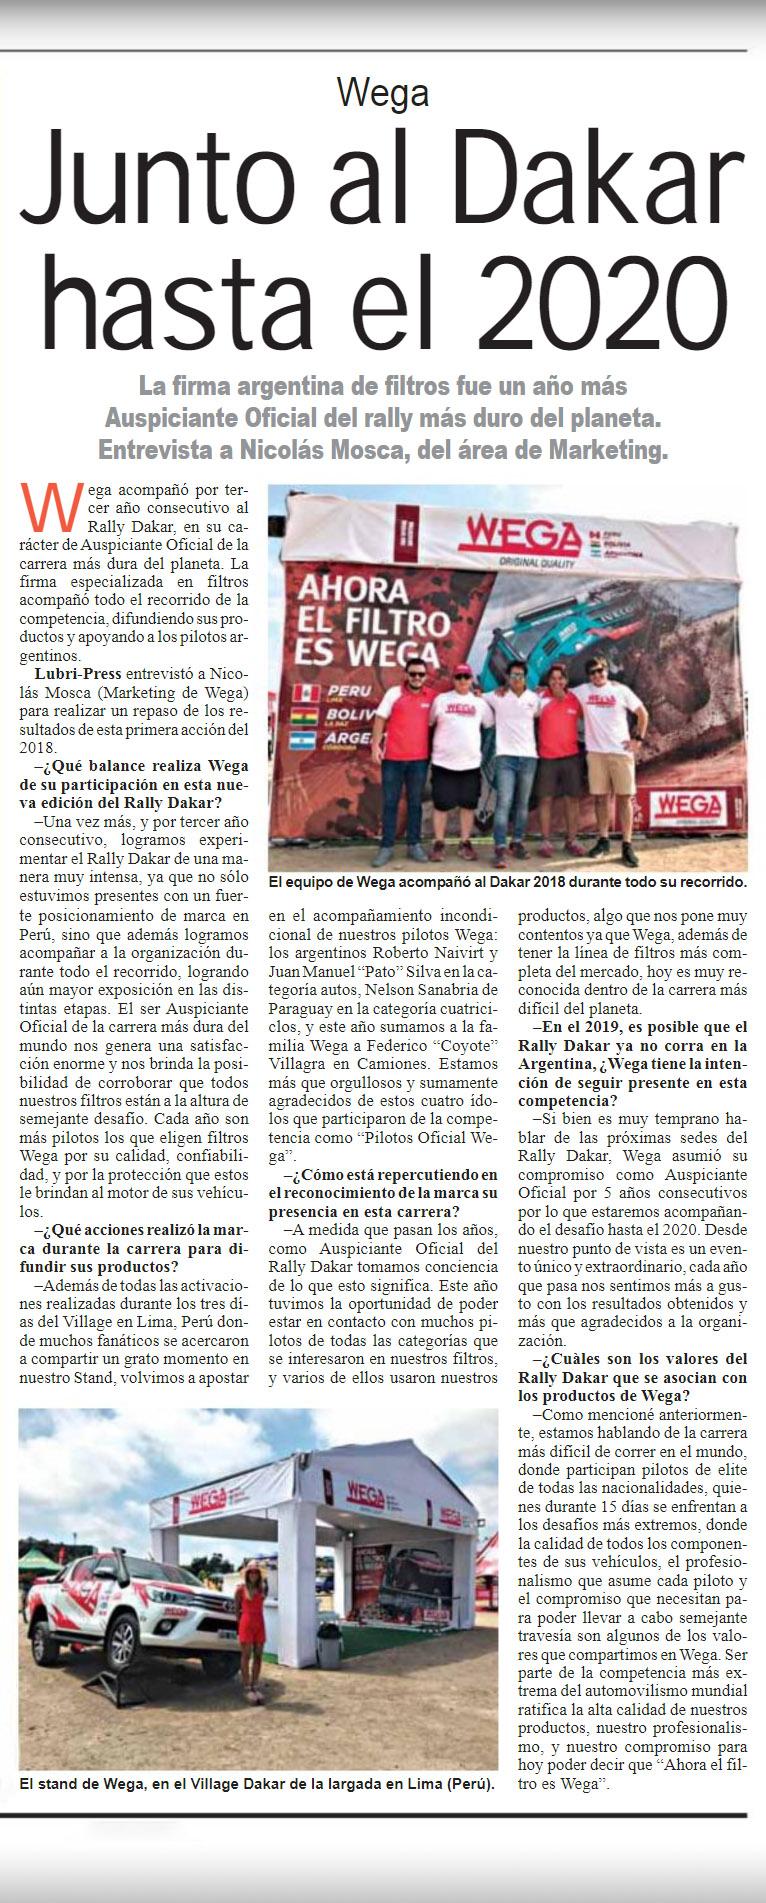 Wega Junto al Dakar hasta el 2020